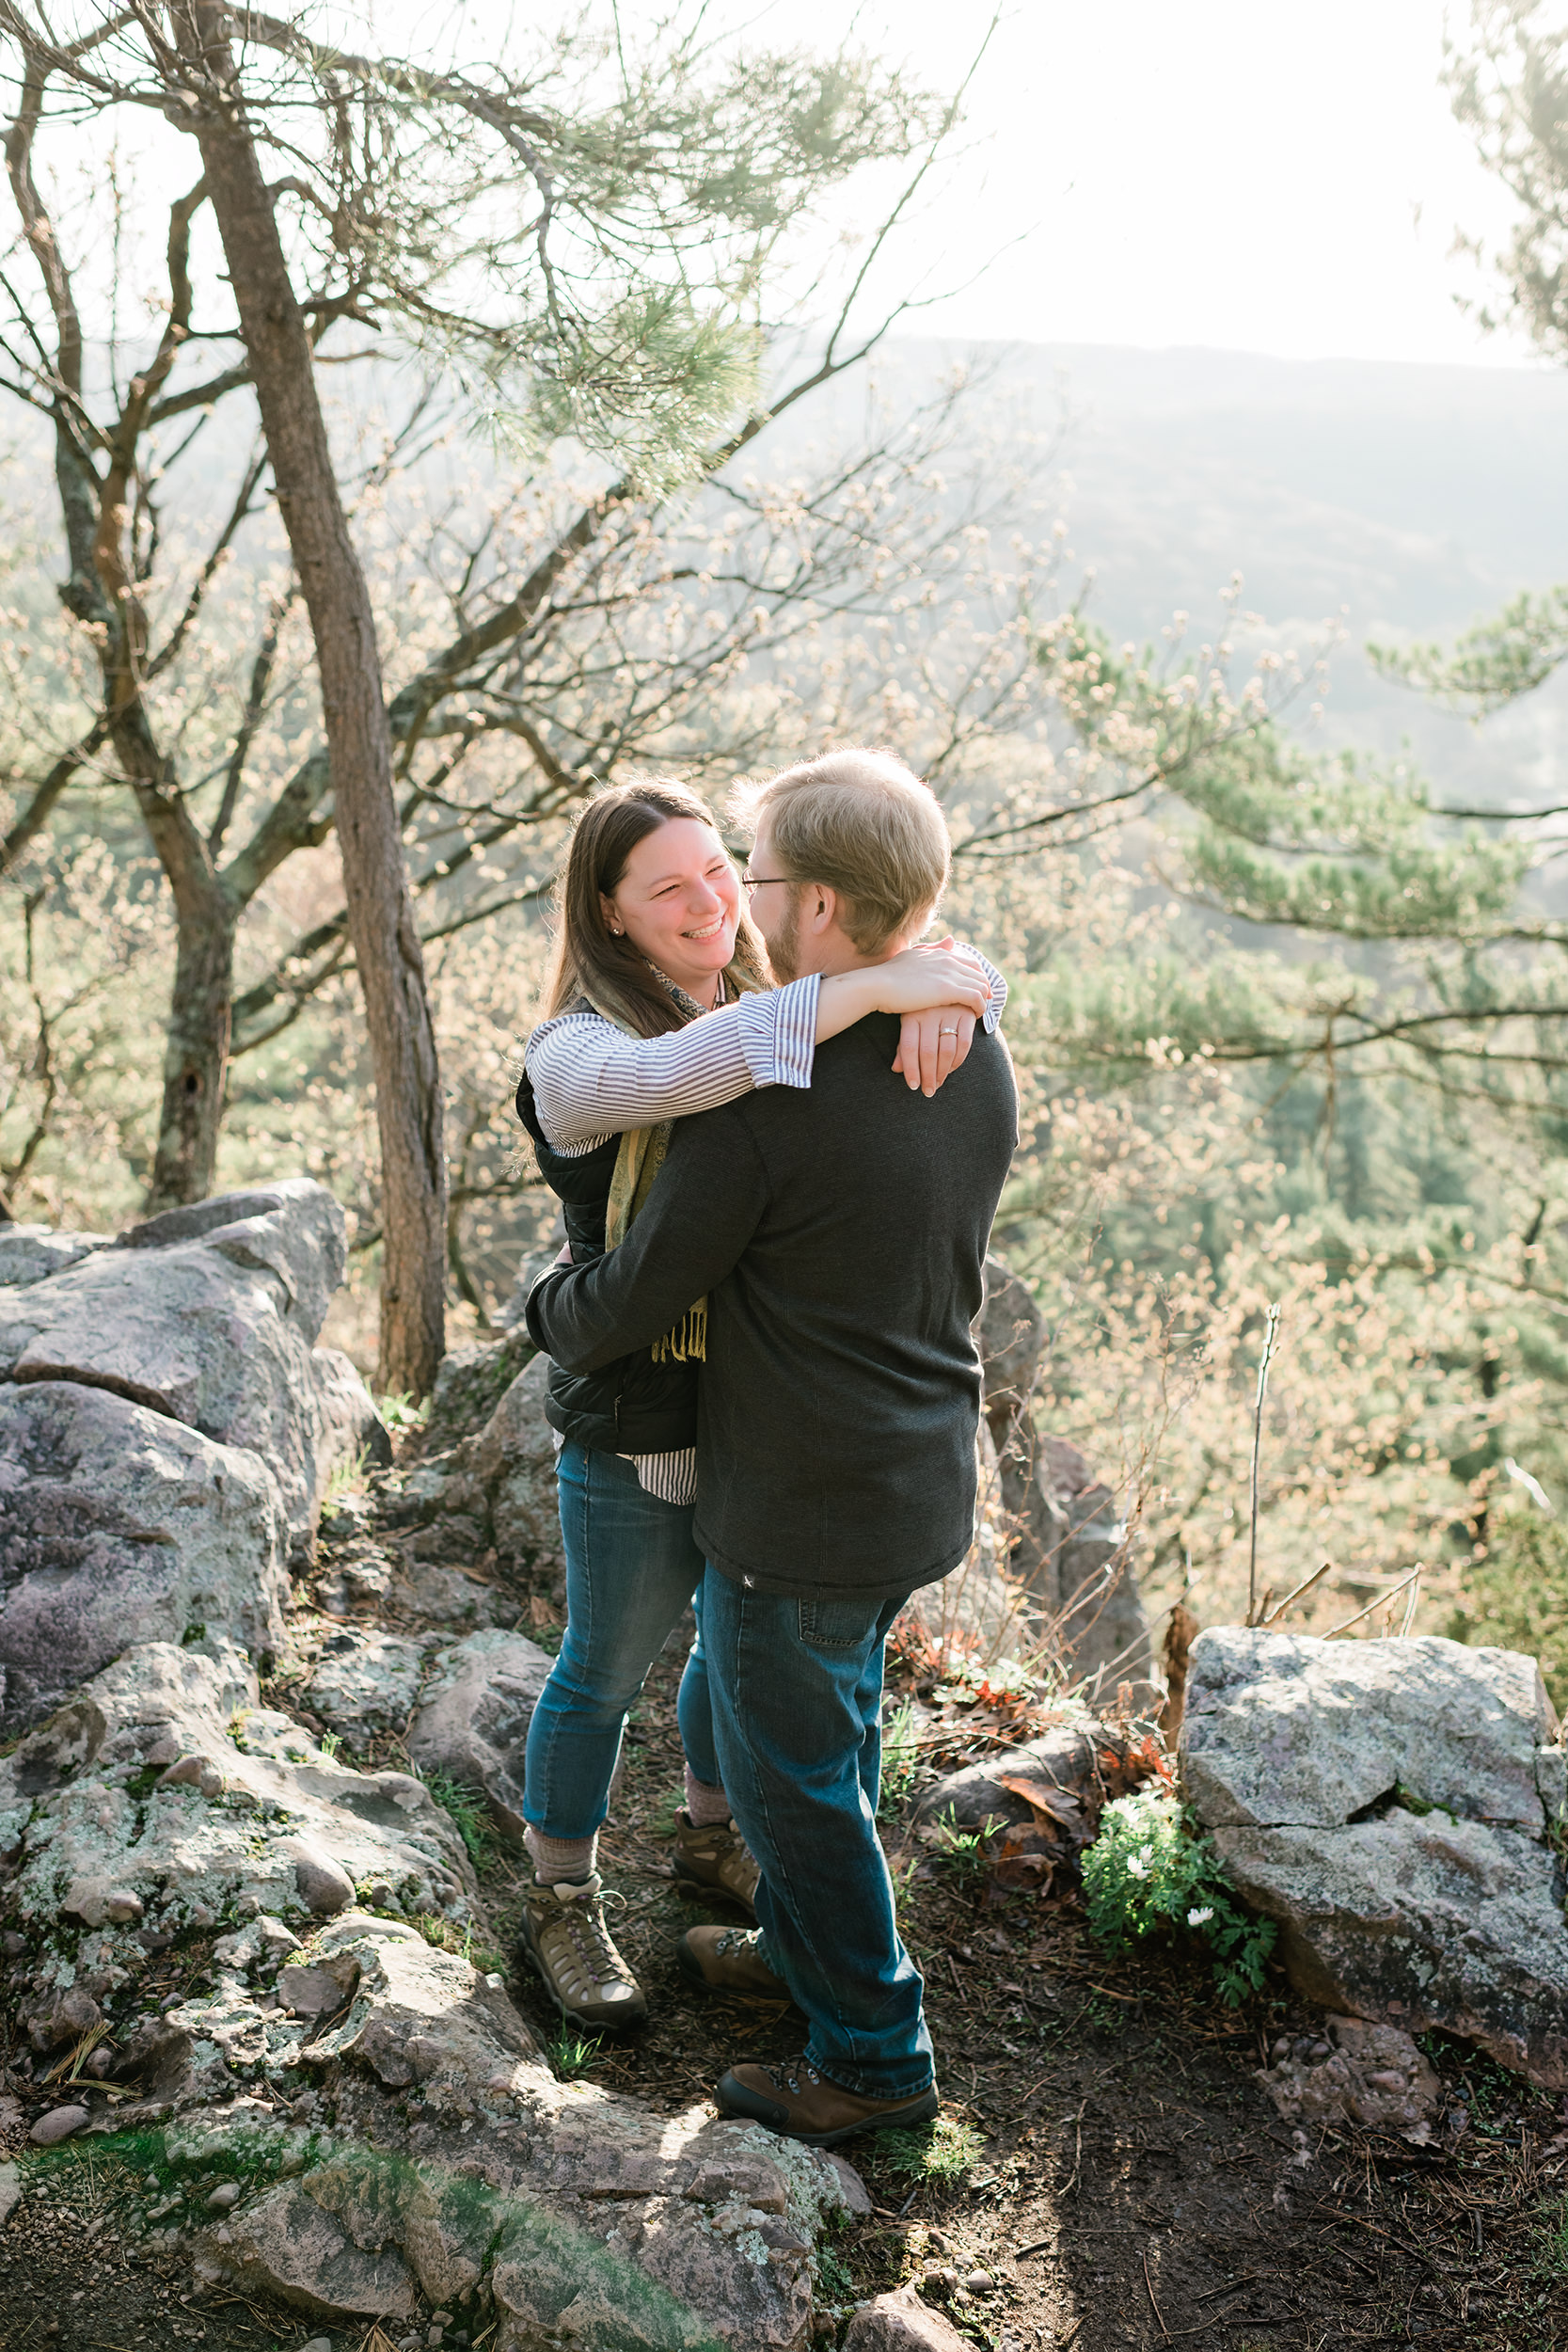 Woman wraps arms around fiancé